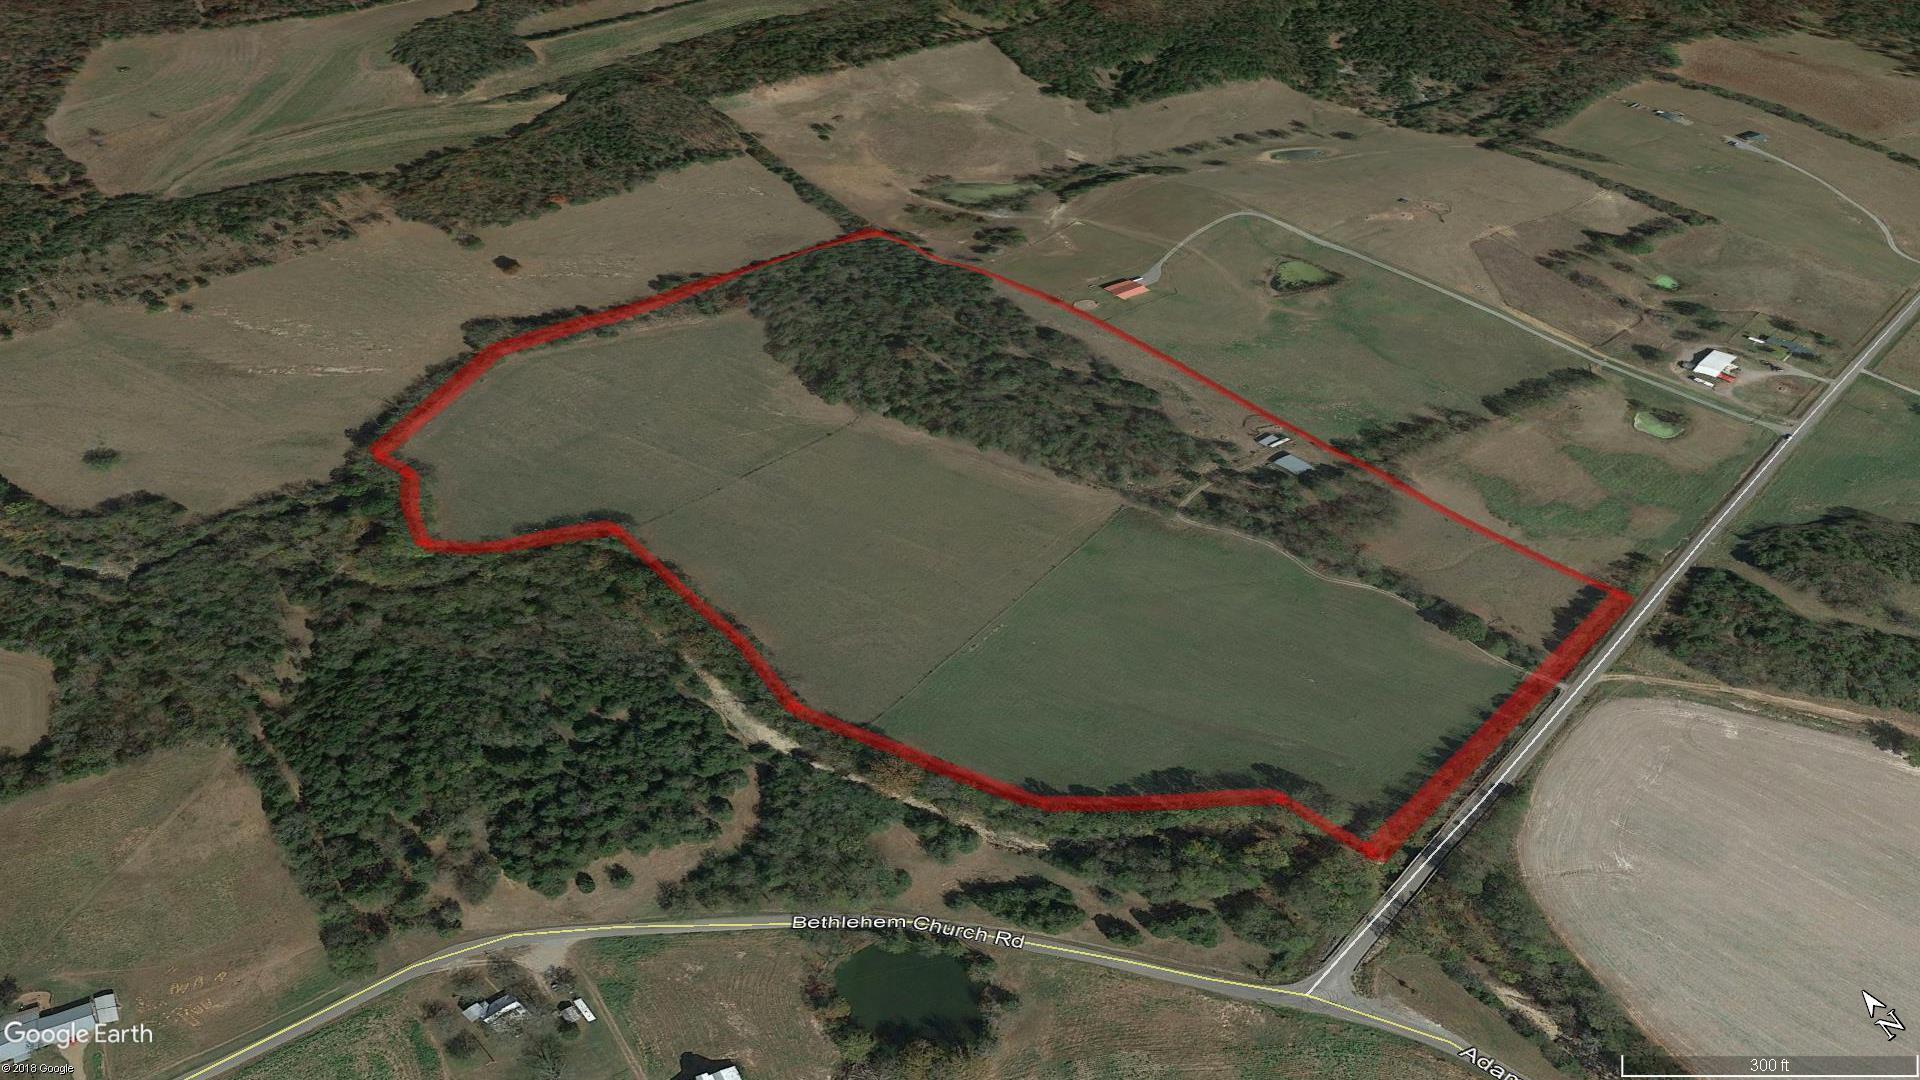 784 Bethlehem Church Rd, Shelbyville, TN 37160 - Shelbyville, TN real estate listing